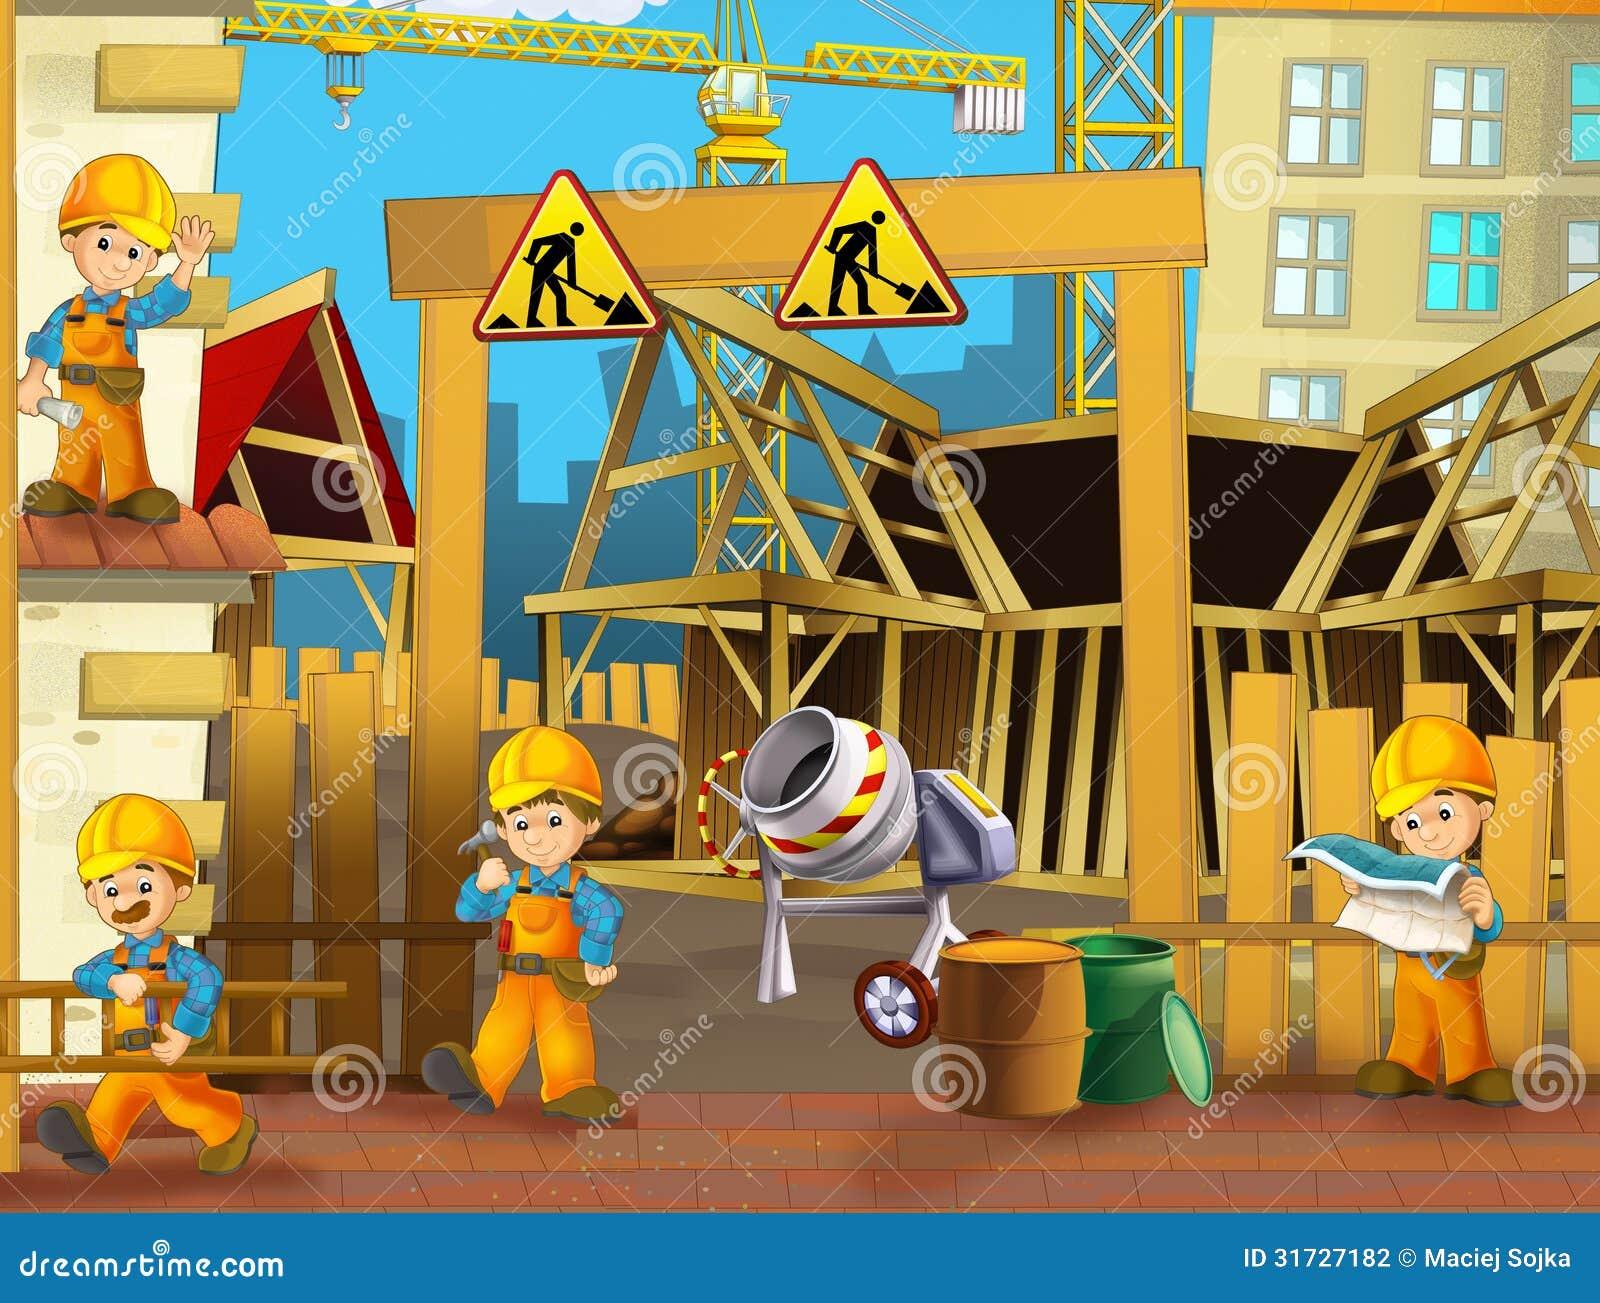 No canteiro de obras - ilustração para as crianças